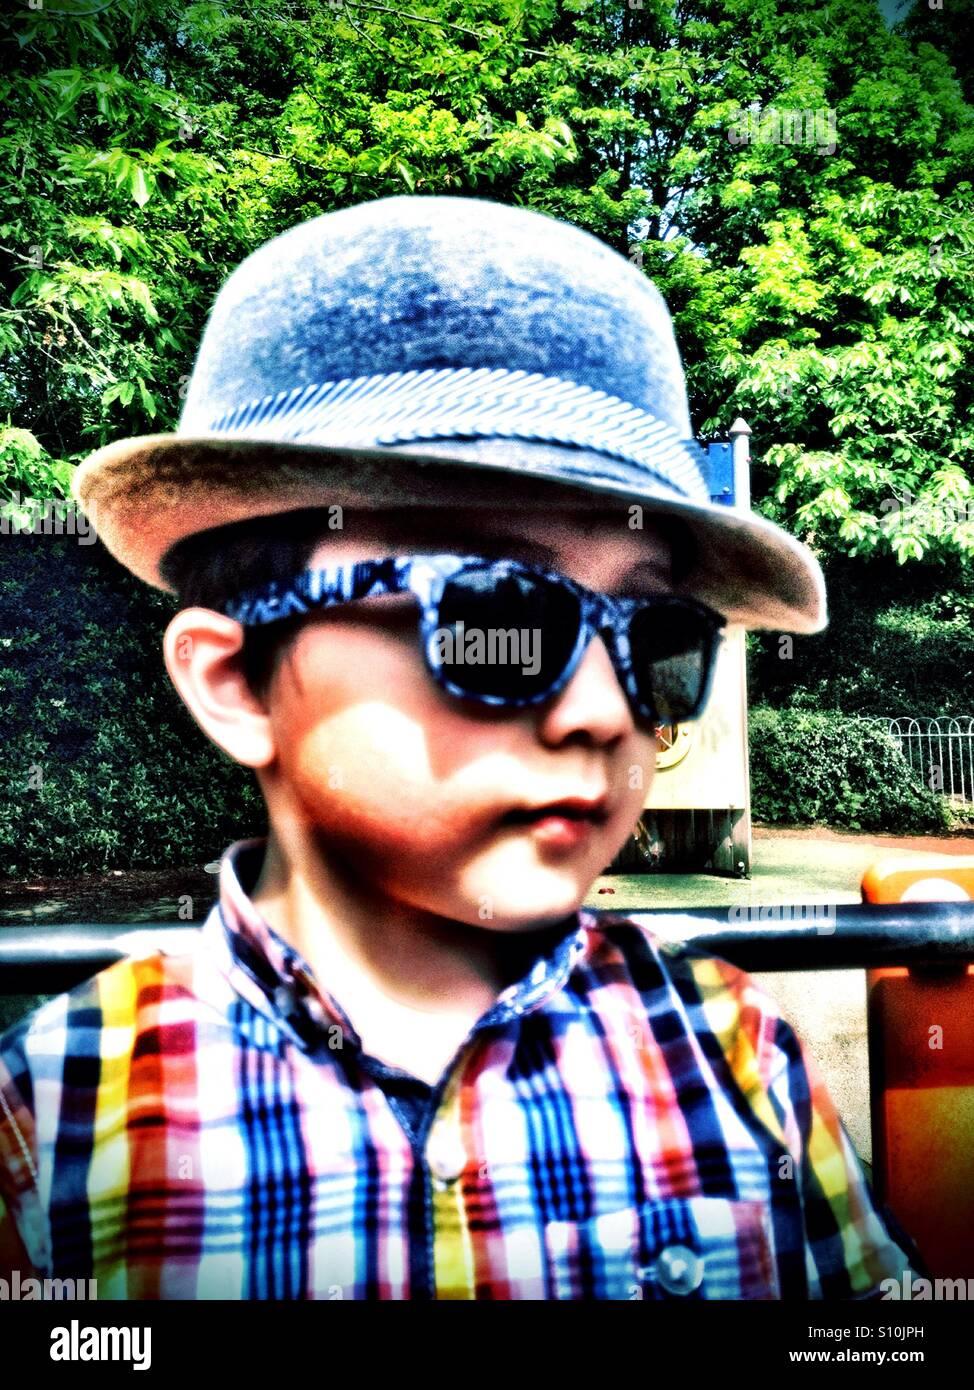 Un joven en el parque vistiendo gorra y gafas de sol. Foto de stock